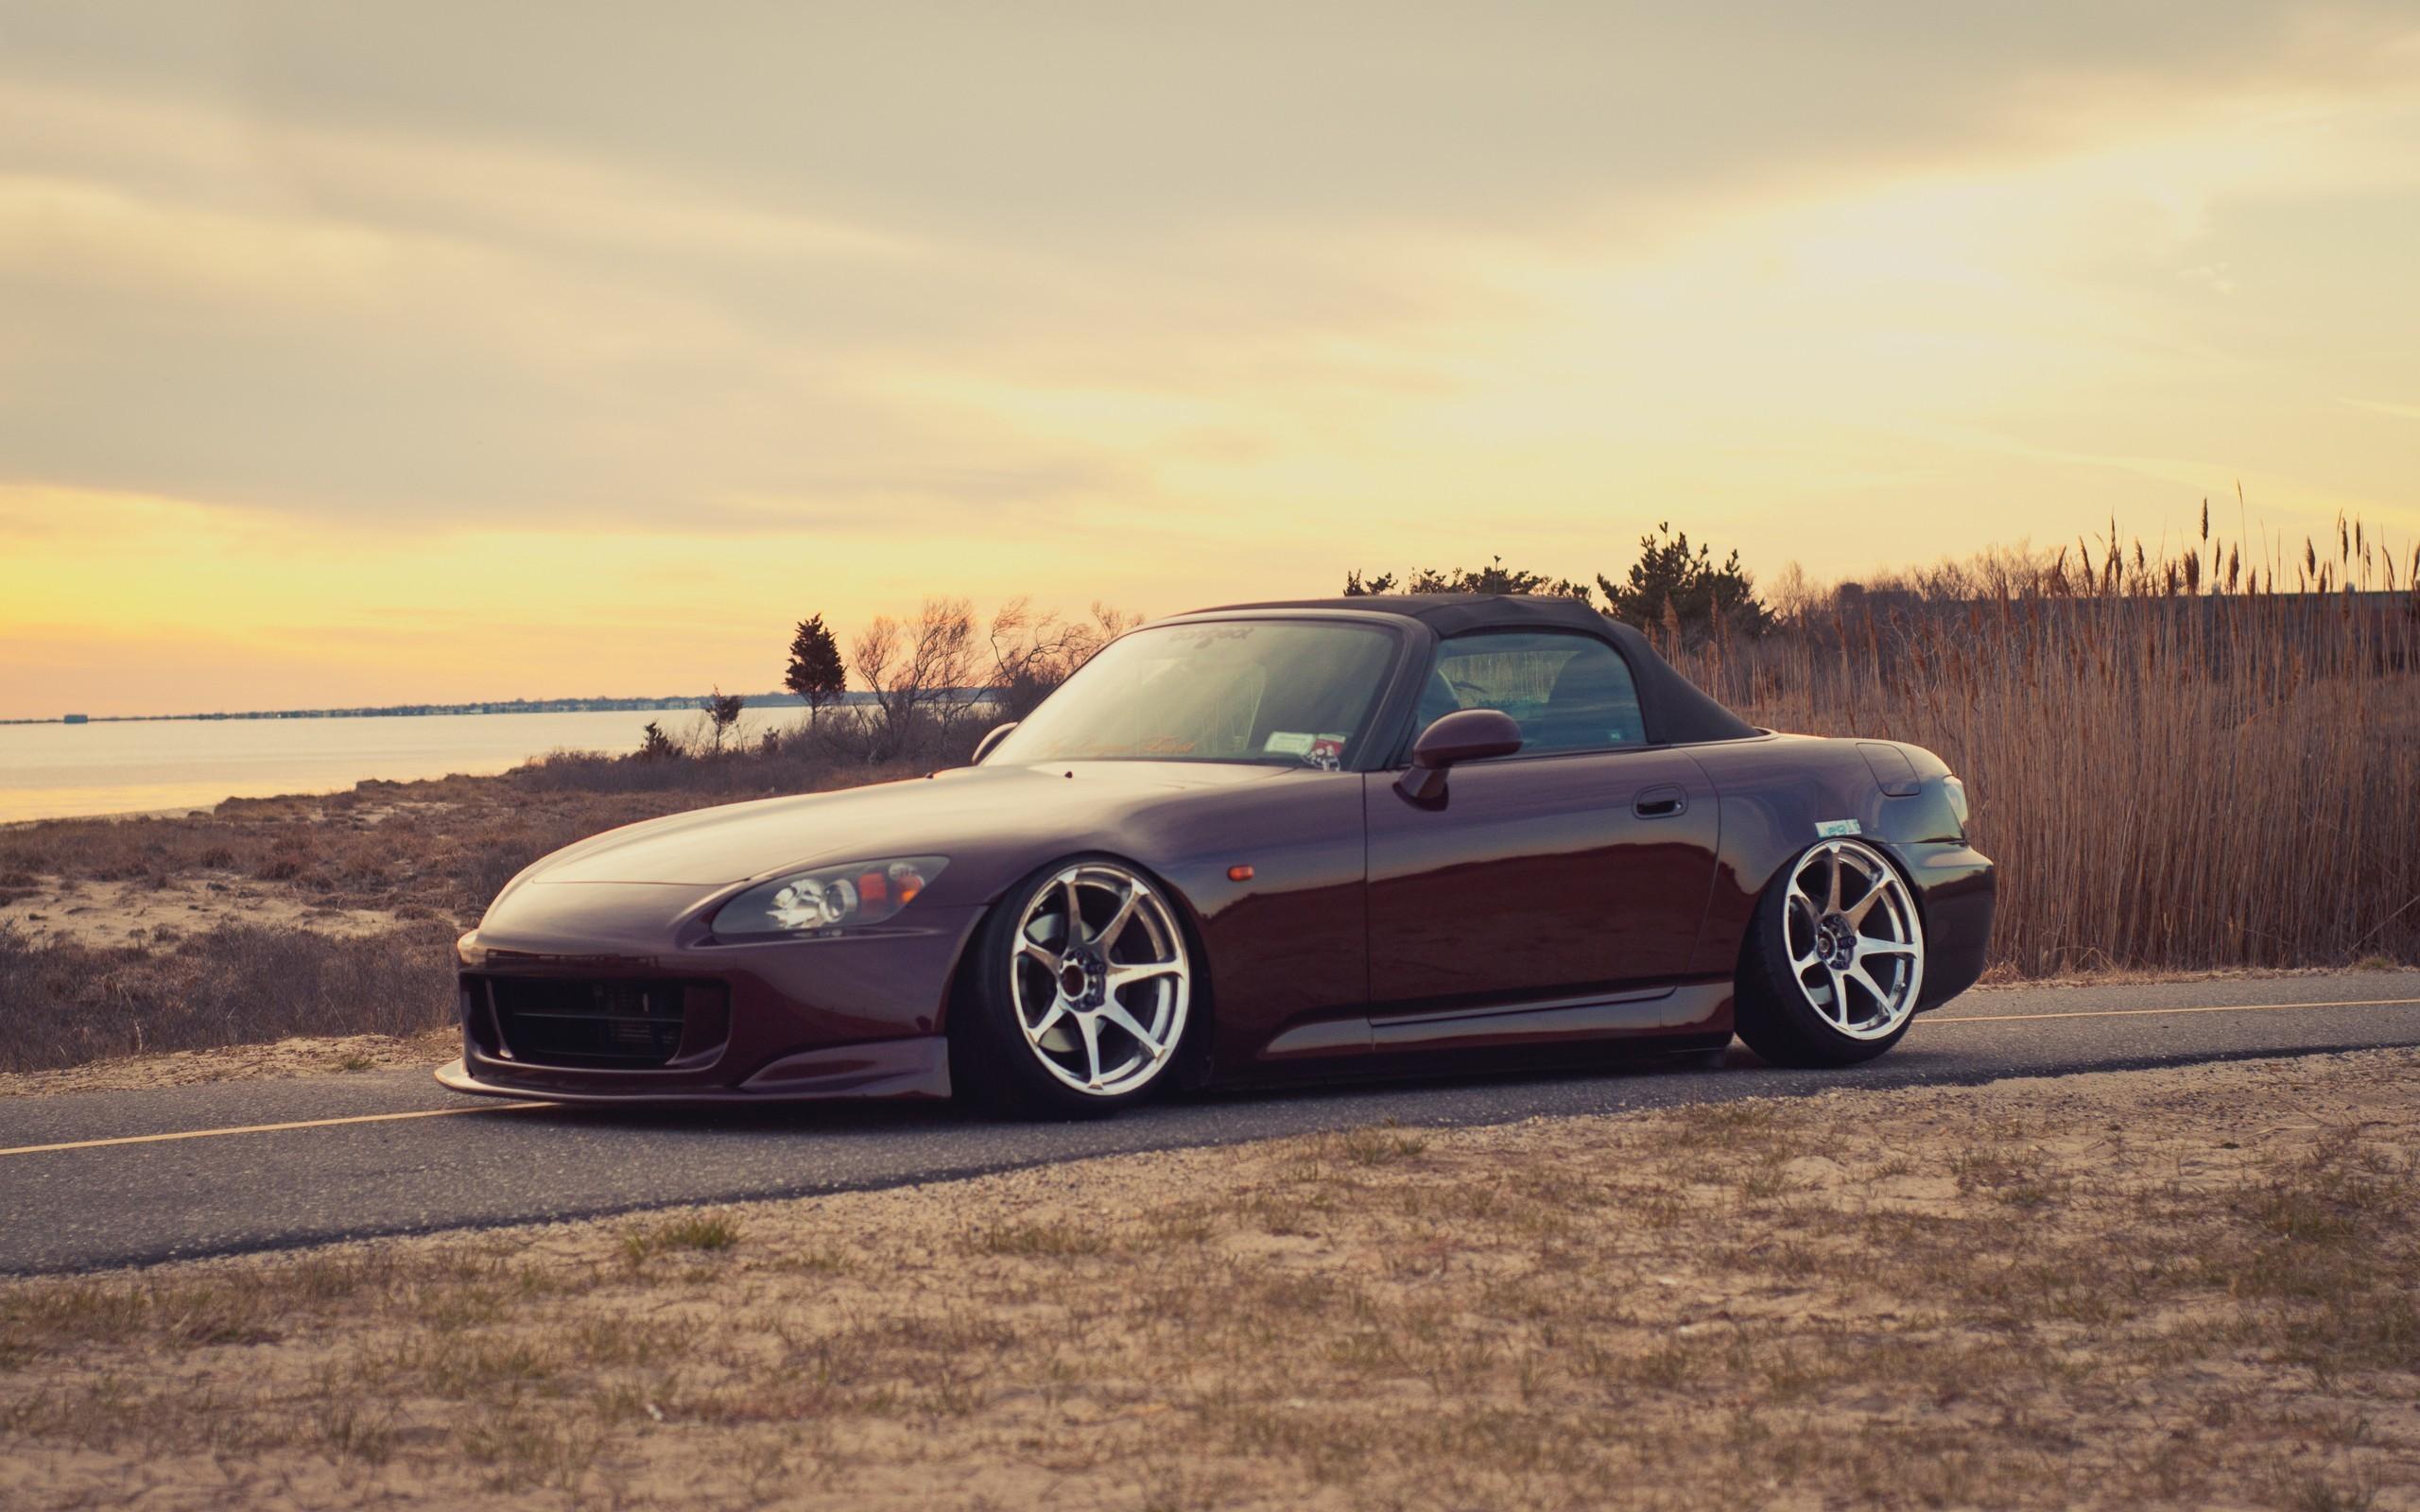 Res: 2560x1600, Honda s2000 asphalt automobiles cars wallpaper